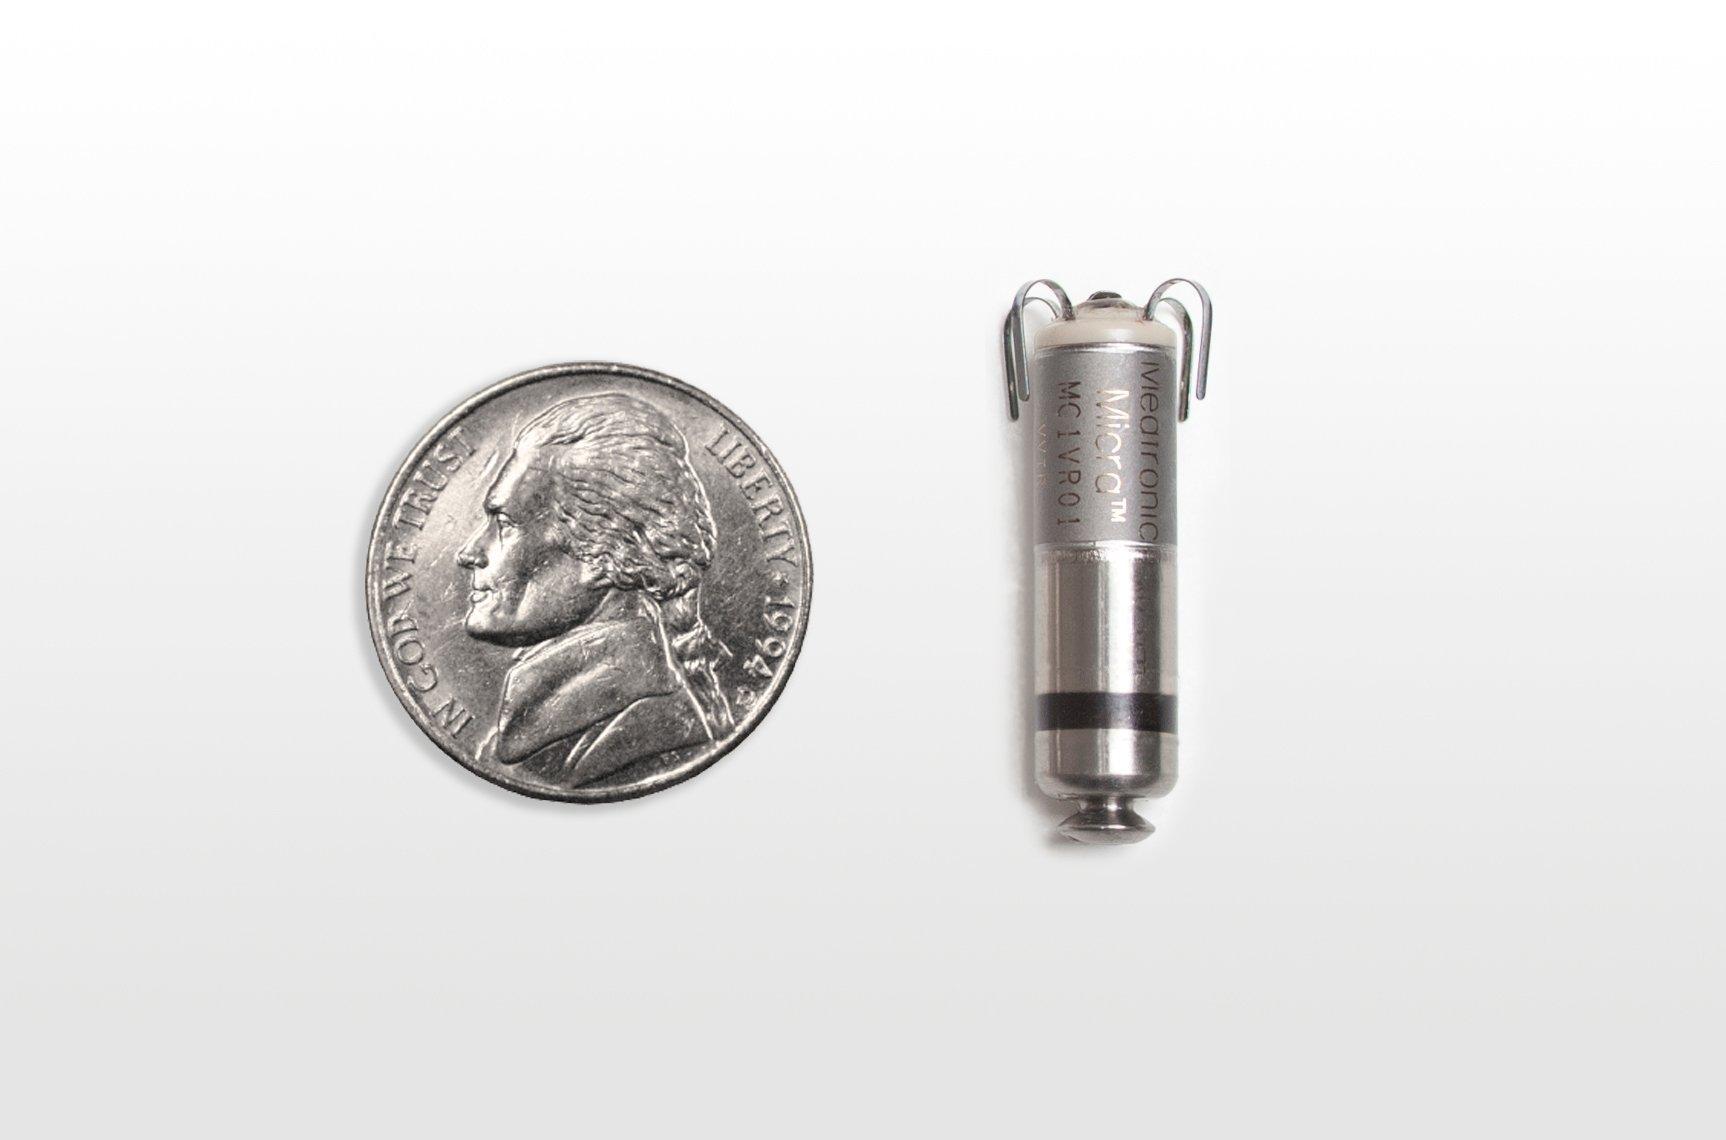 Ase Study Guide >> Novel Mechanical Sensor in Medtronic Micra Transcatheter ...